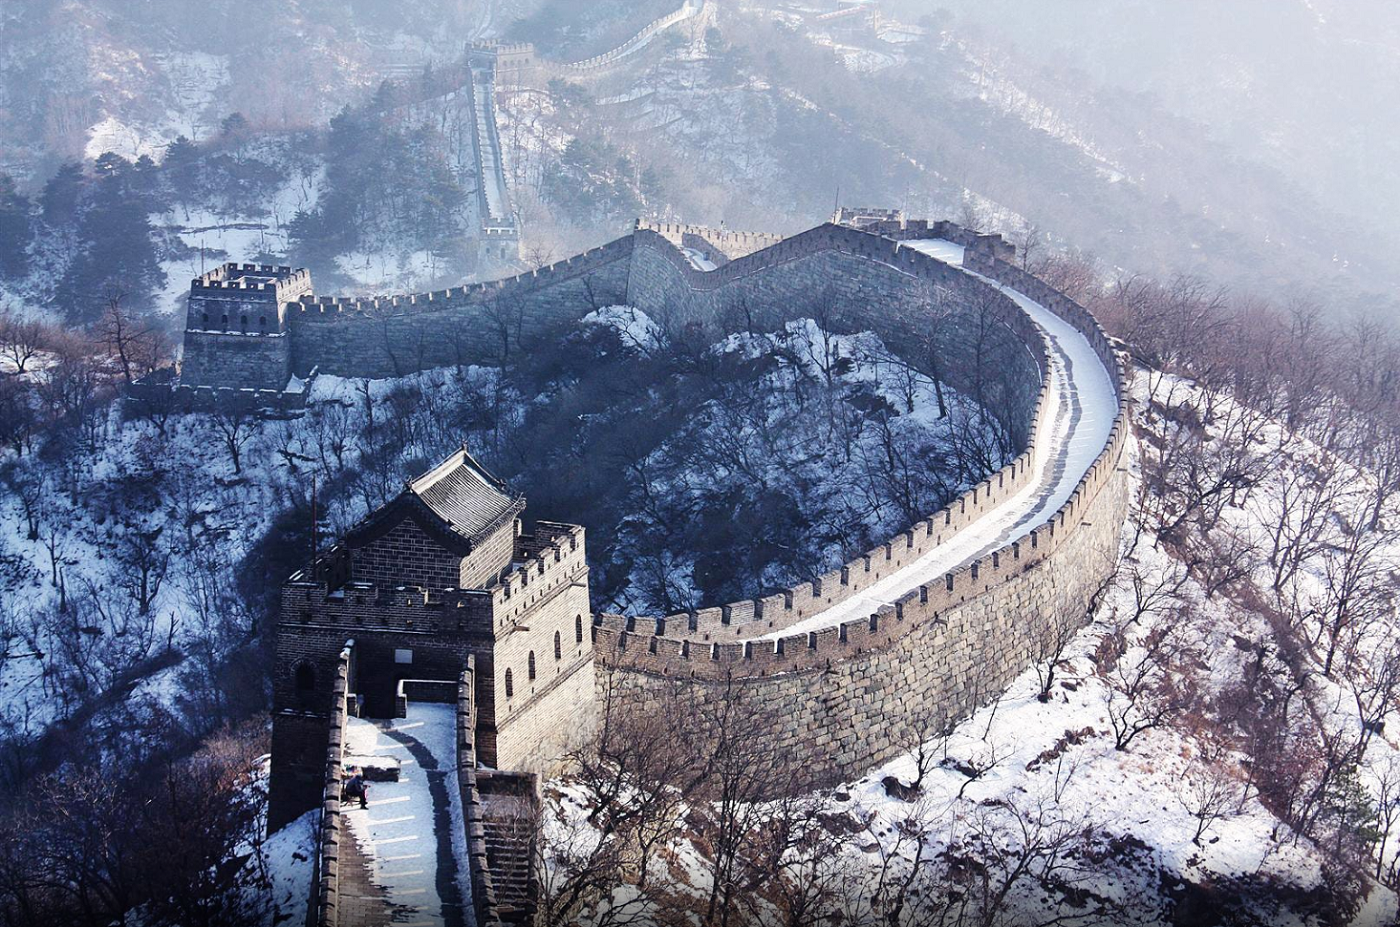 великая китайская стена интересные факты фото обучался мореходных